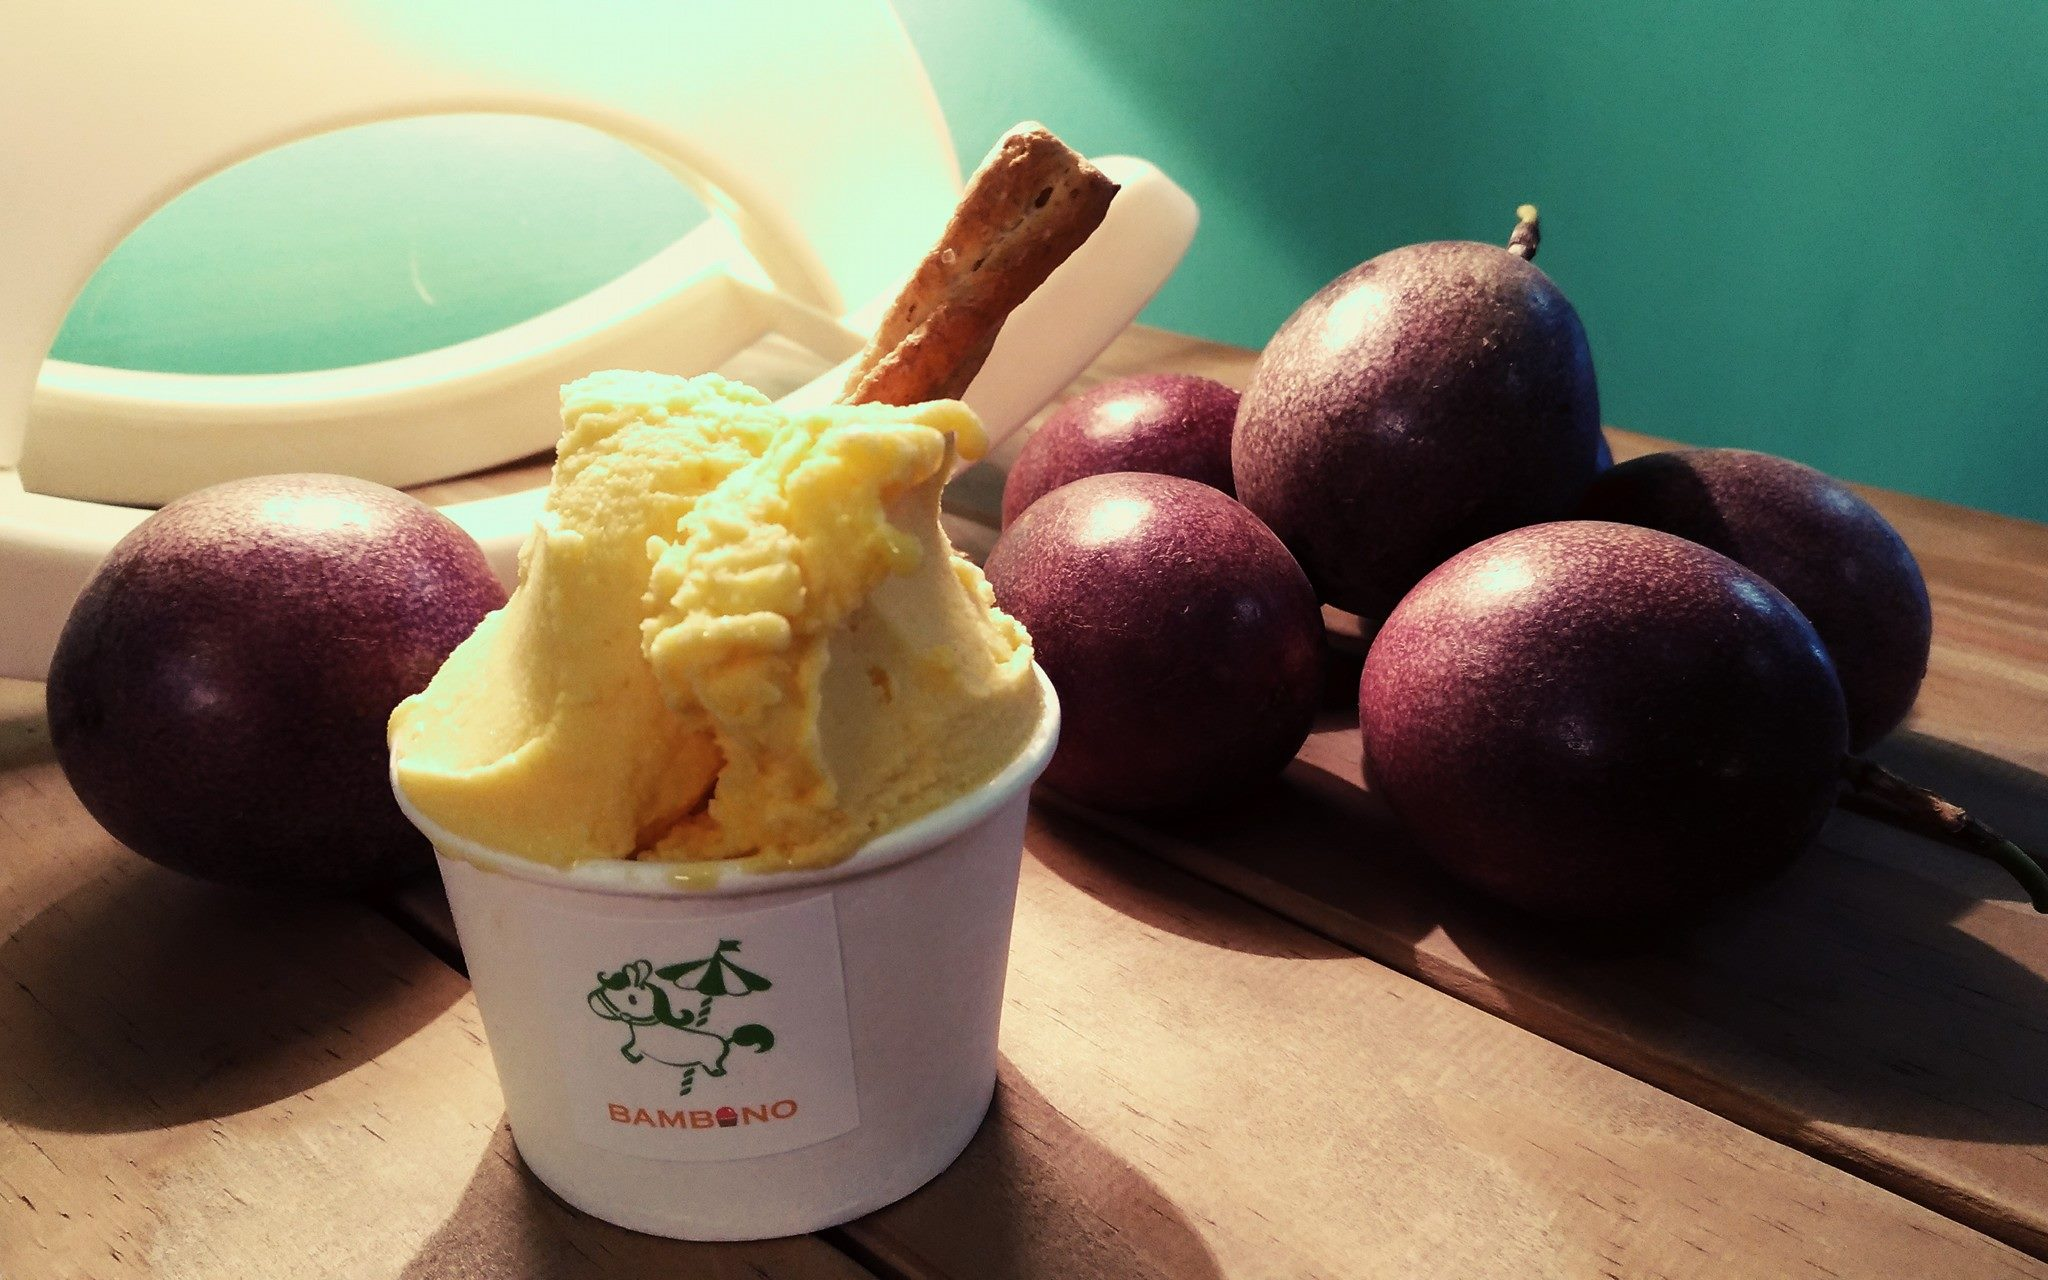 Bambino 邦比諾義式冰淇淋